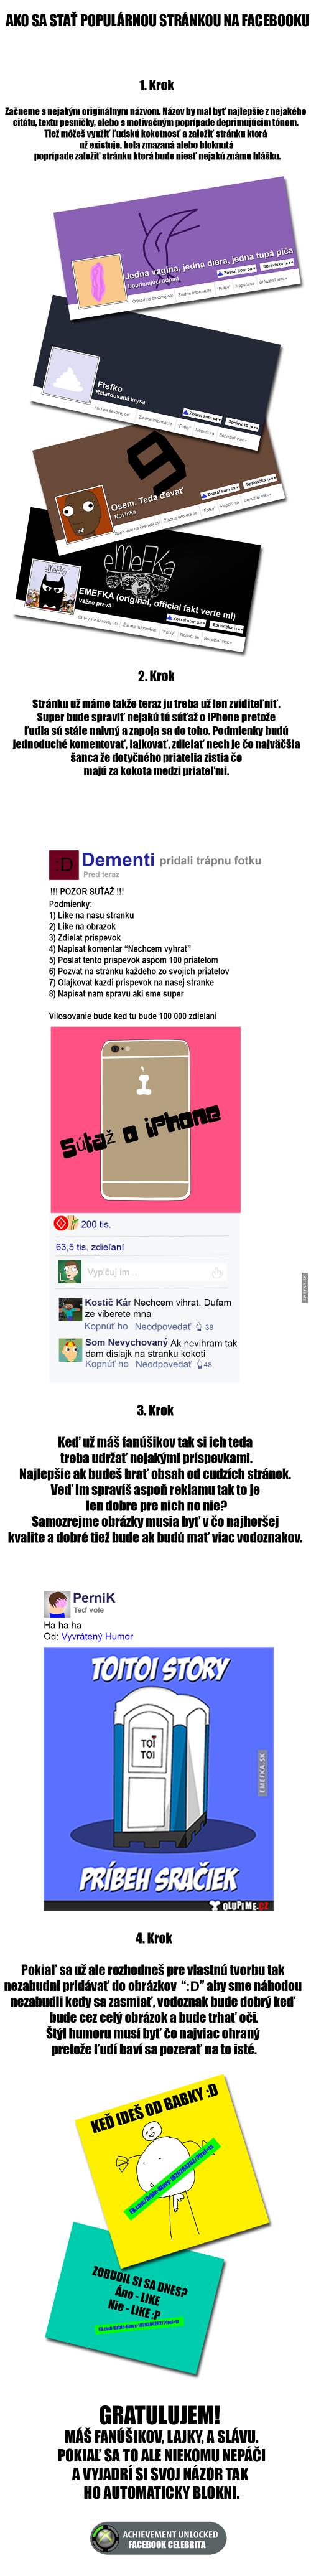 Jak udělat slavnou FB stránku